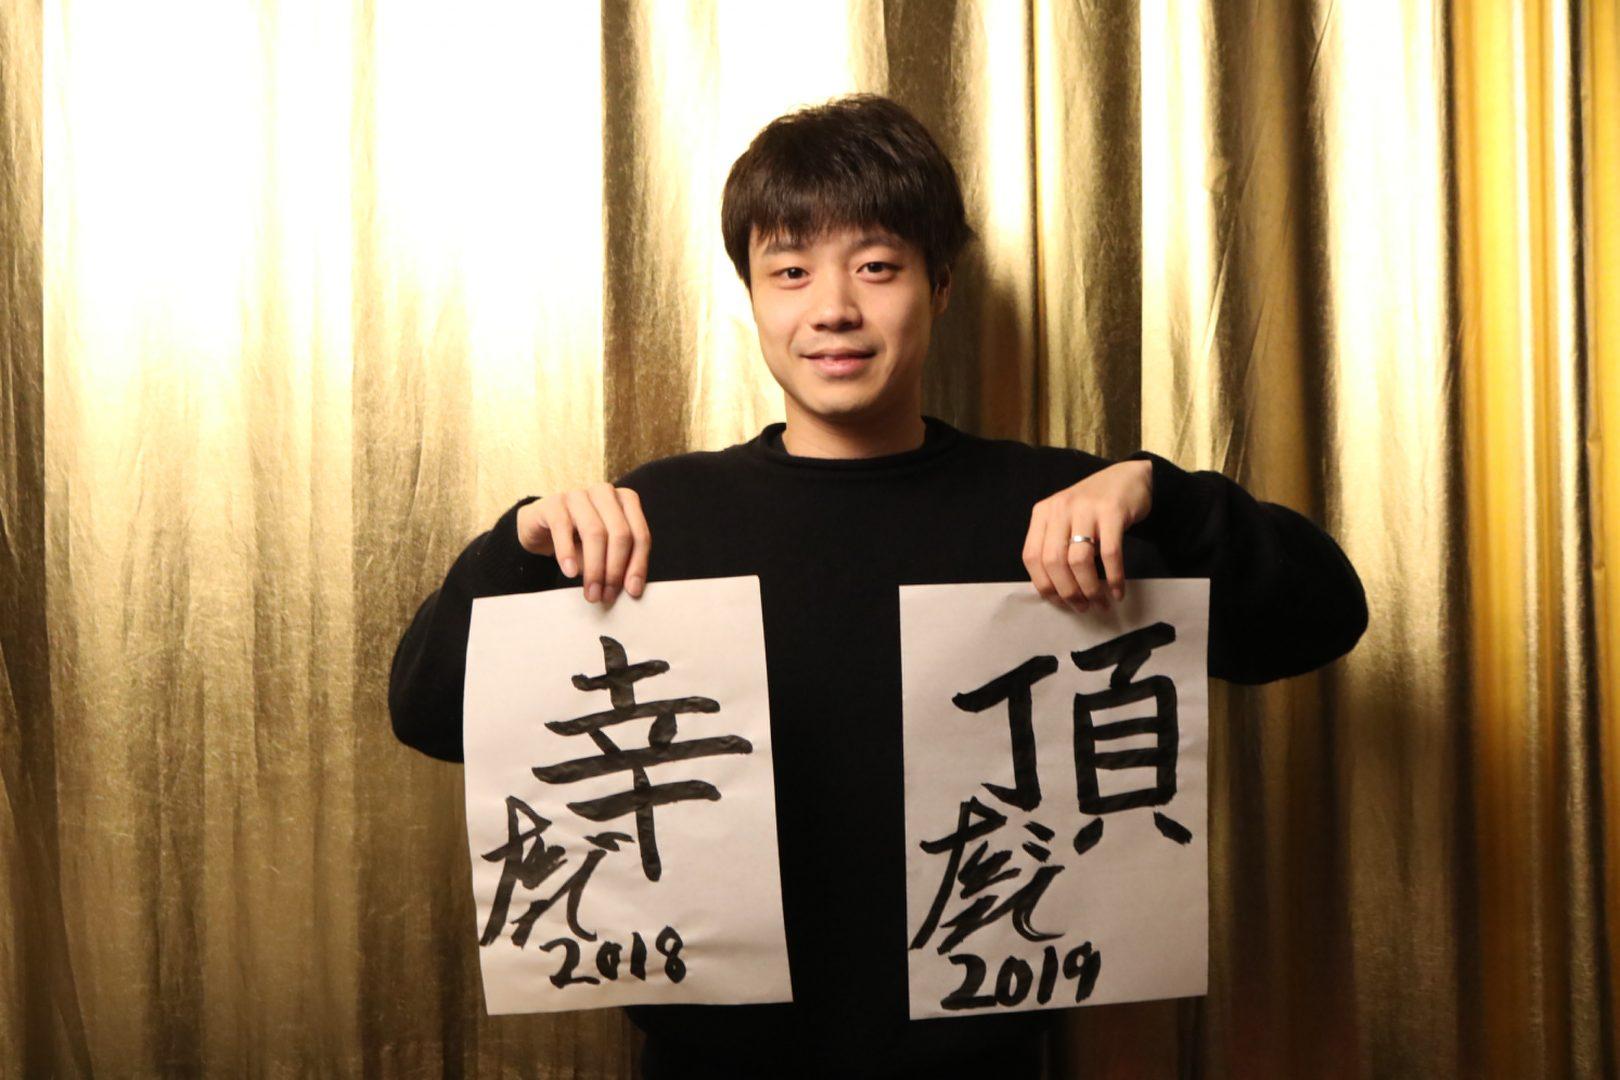 <卓球×書き初め2019 #4>大矢英俊(東京アート)が選ぶ今年のキーフレーズ